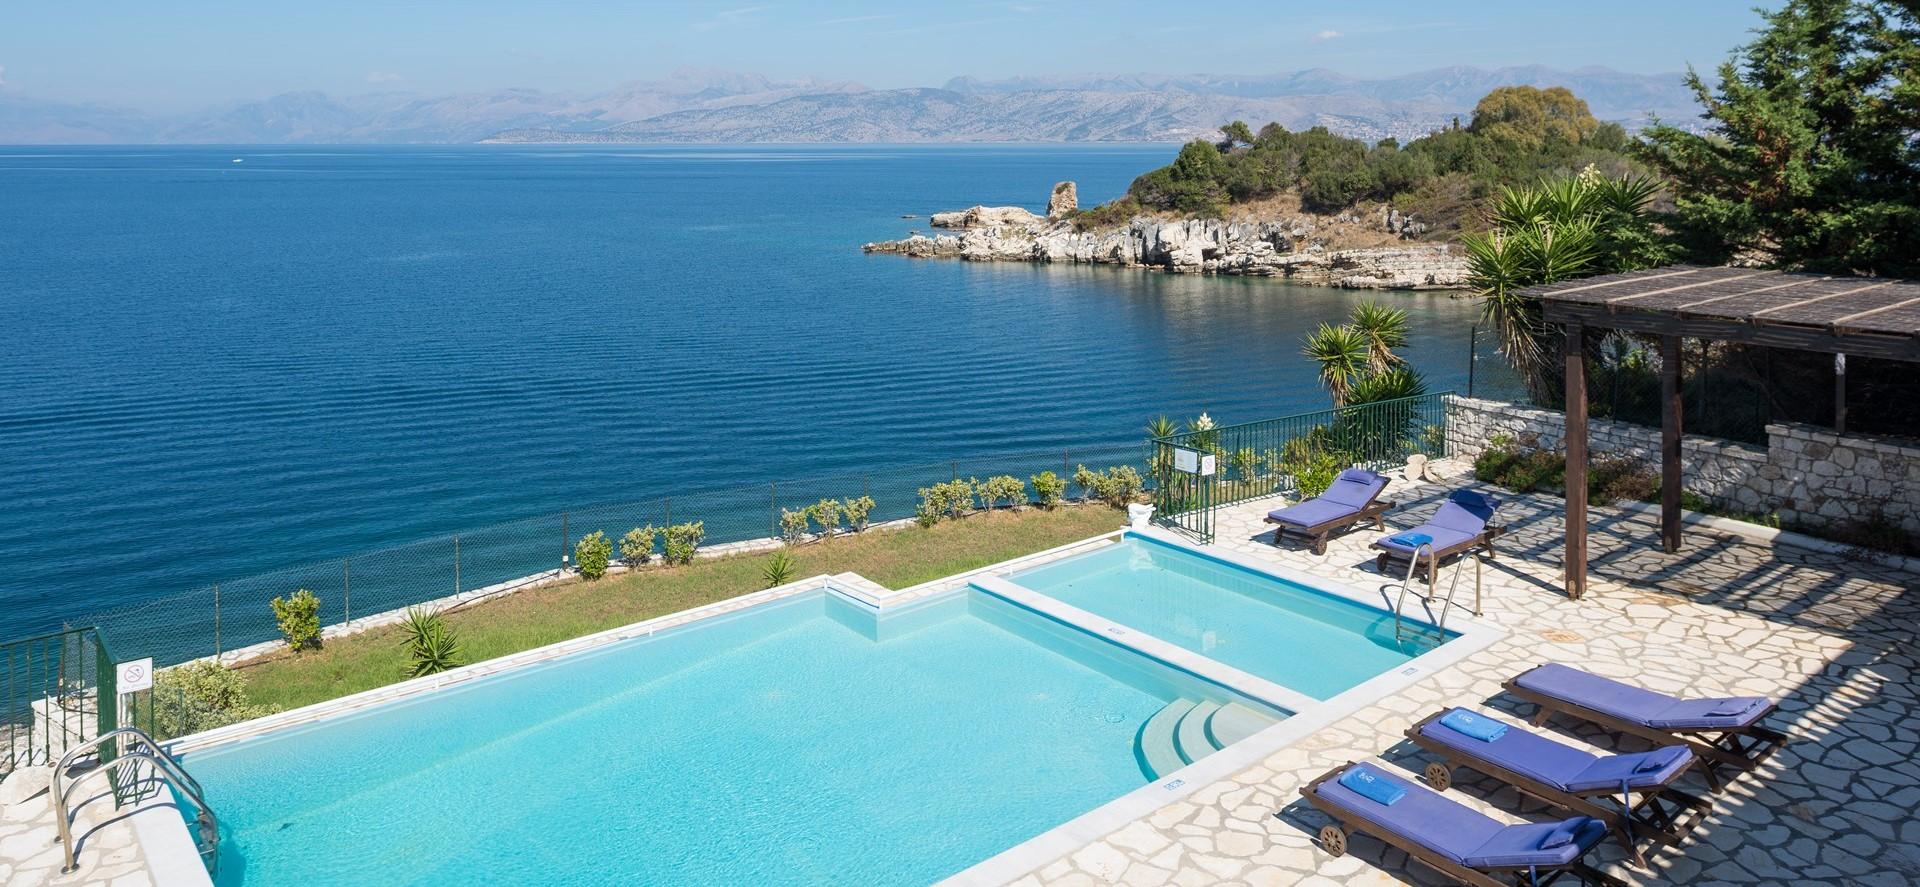 villa-aktea-corfu-greece